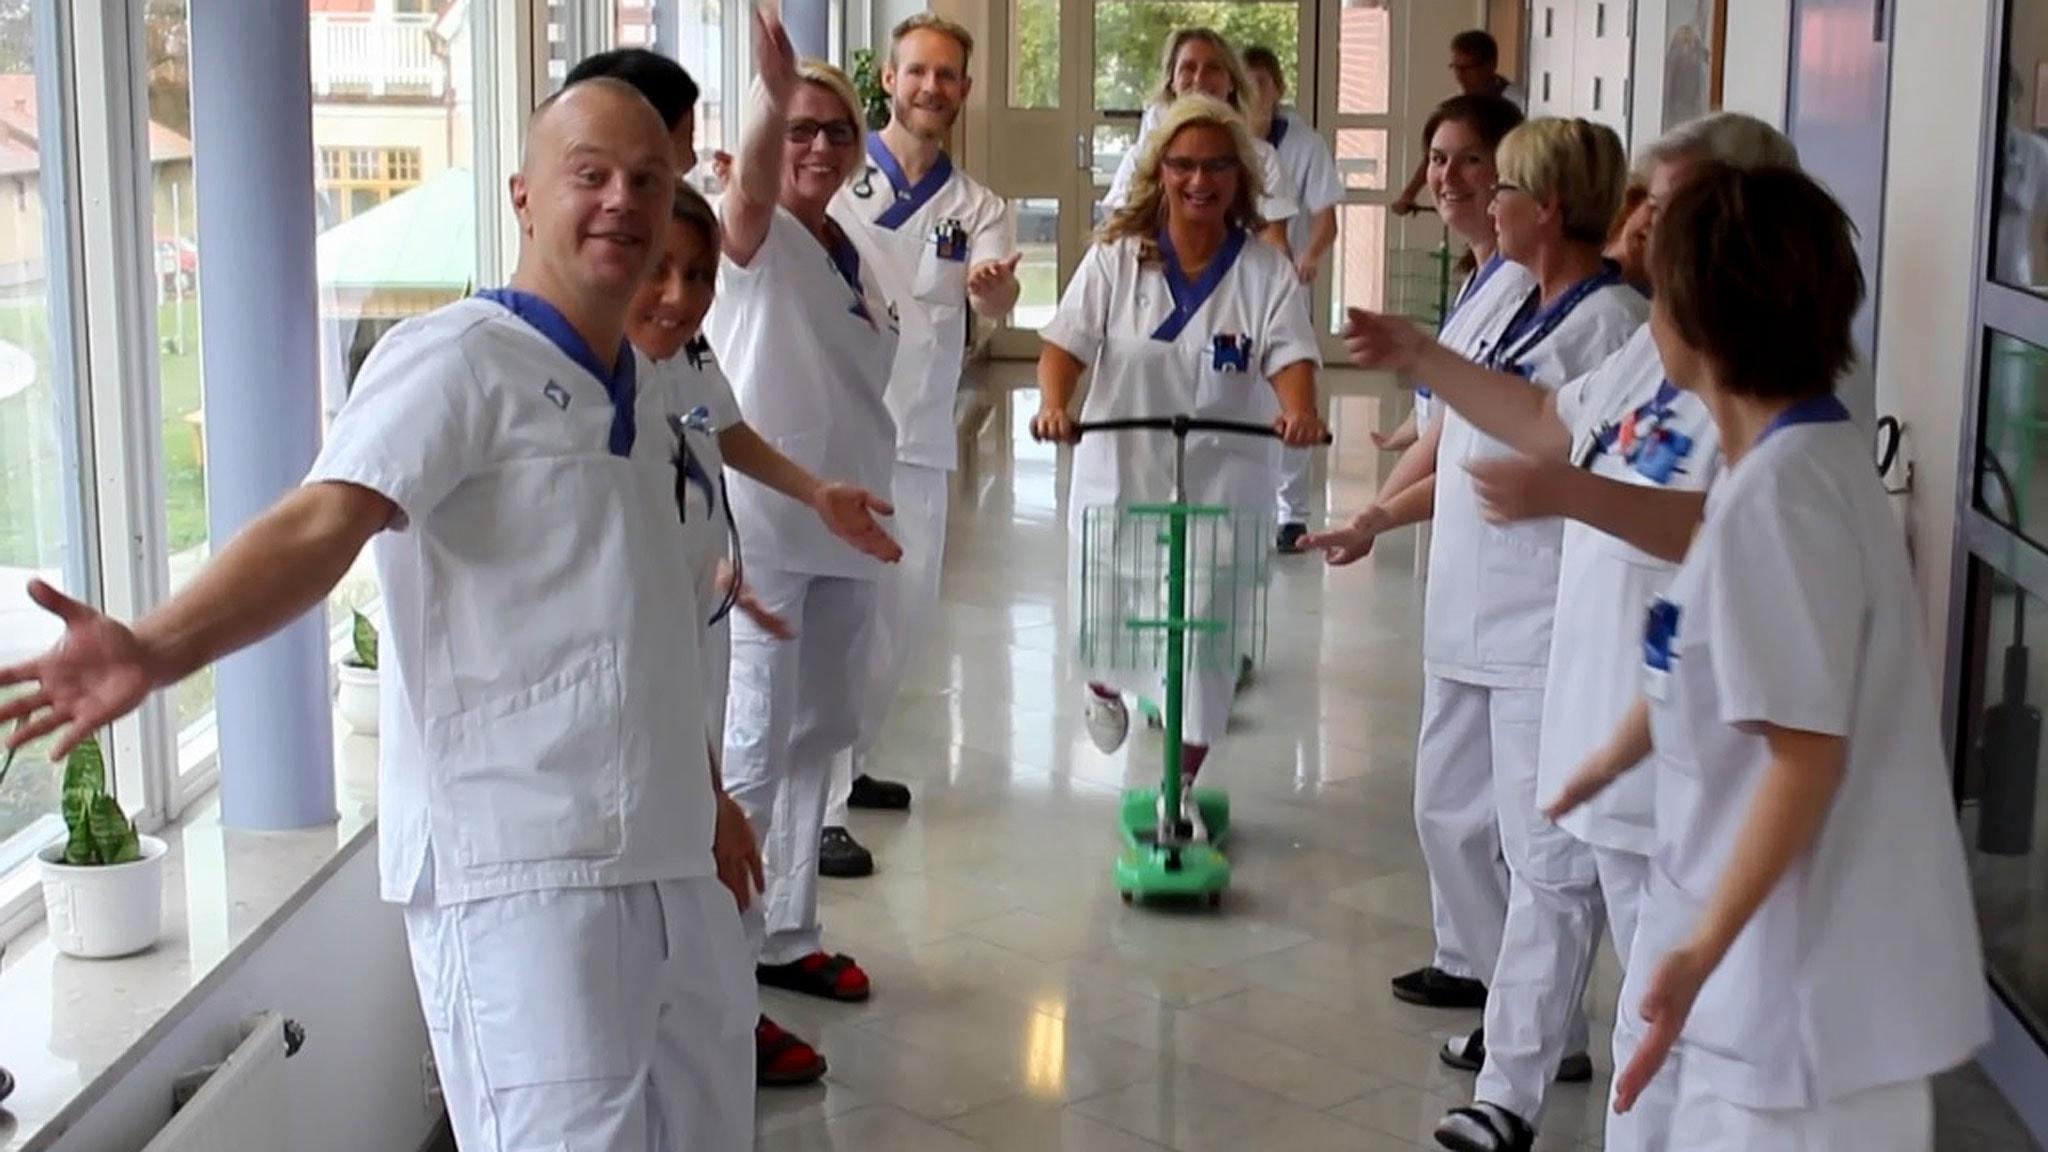 Musikvideo ska locka sjukskoterskor